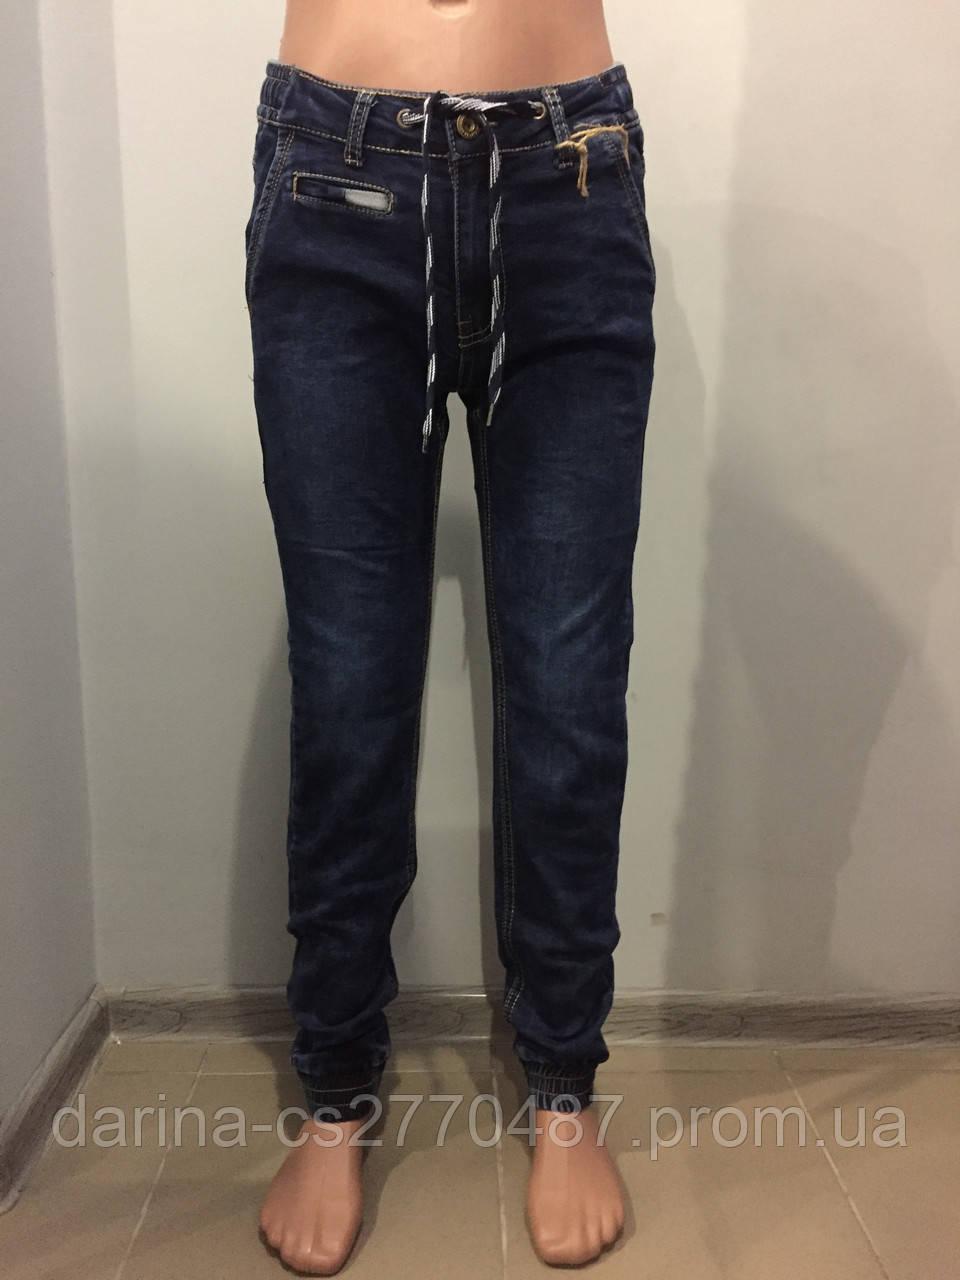 Модные джинсы на мальчика подростка 134,140,164 см